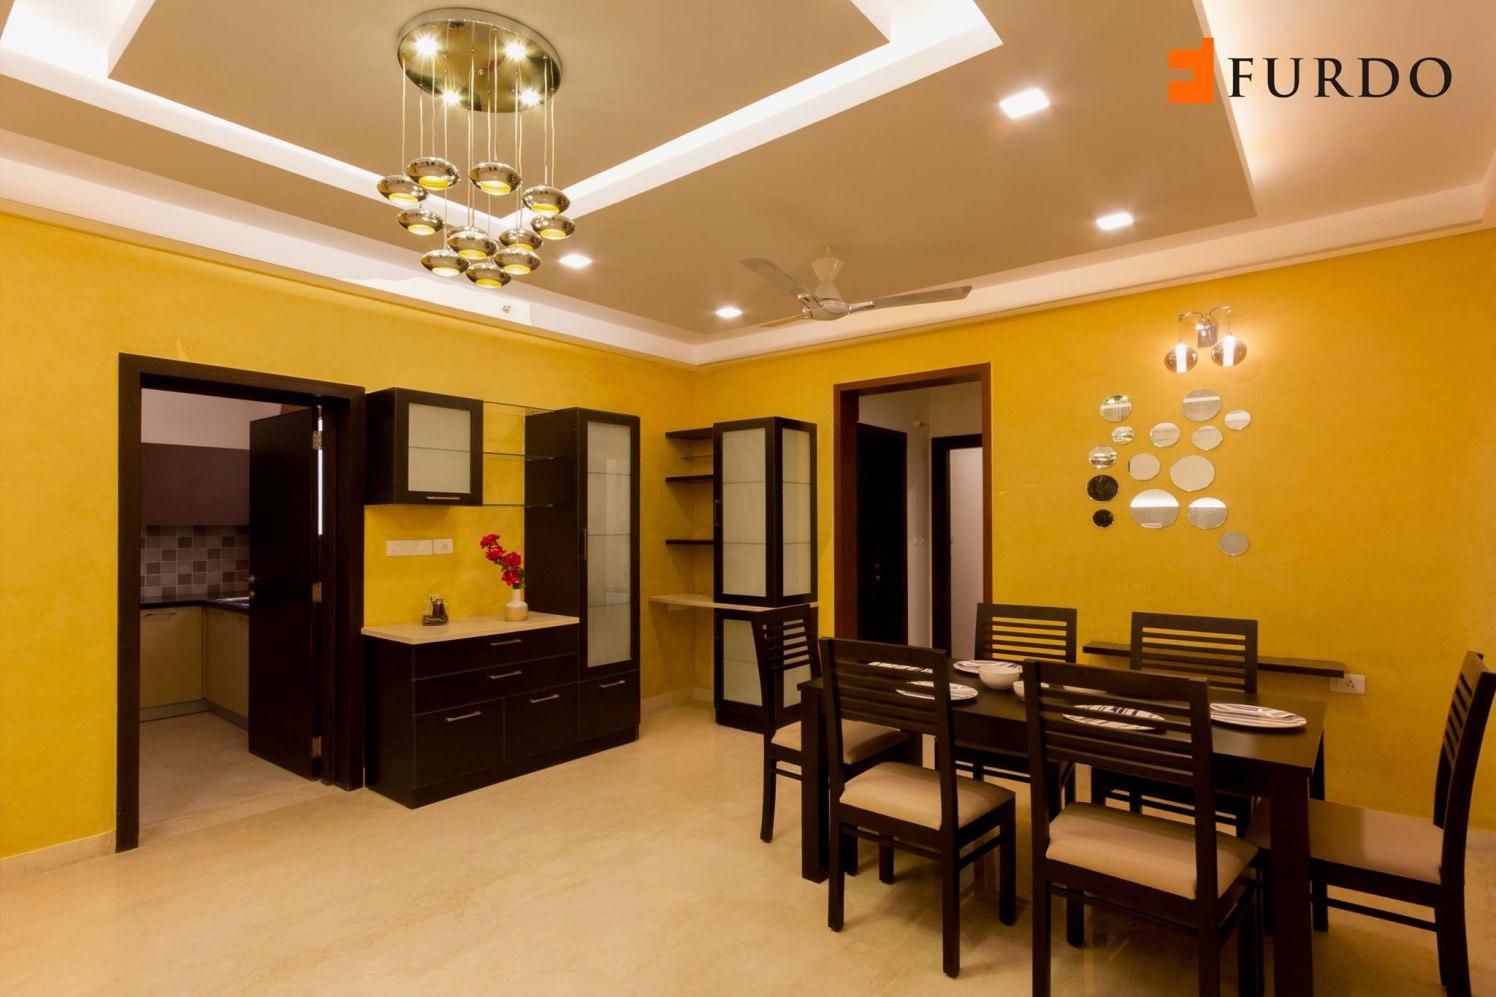 Dining Room With Artistic False Ceiling by Furdo.com Dining-room Modern | Interior Design Photos & Ideas